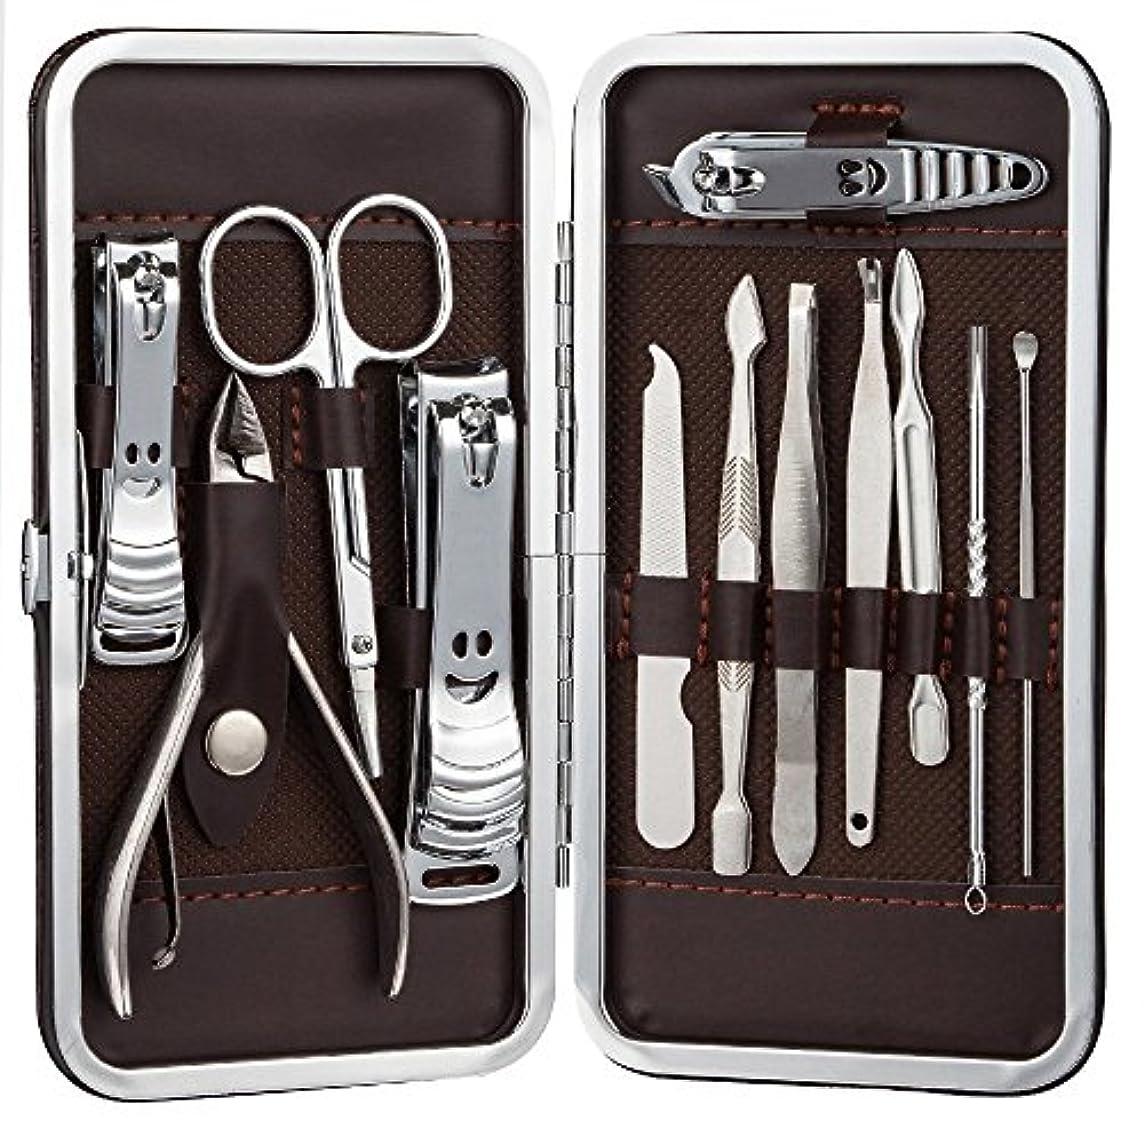 その間解説蒸発するSTARTRIP ネイルはさみネイルクリッパートラベルセット、プロフェッショナルステンレスネイルケアセットベビーセーフネイルクリッパーパーソナルマニキュアセットペディキュアセットは、男性と女性のための指、手足で使用爪切り